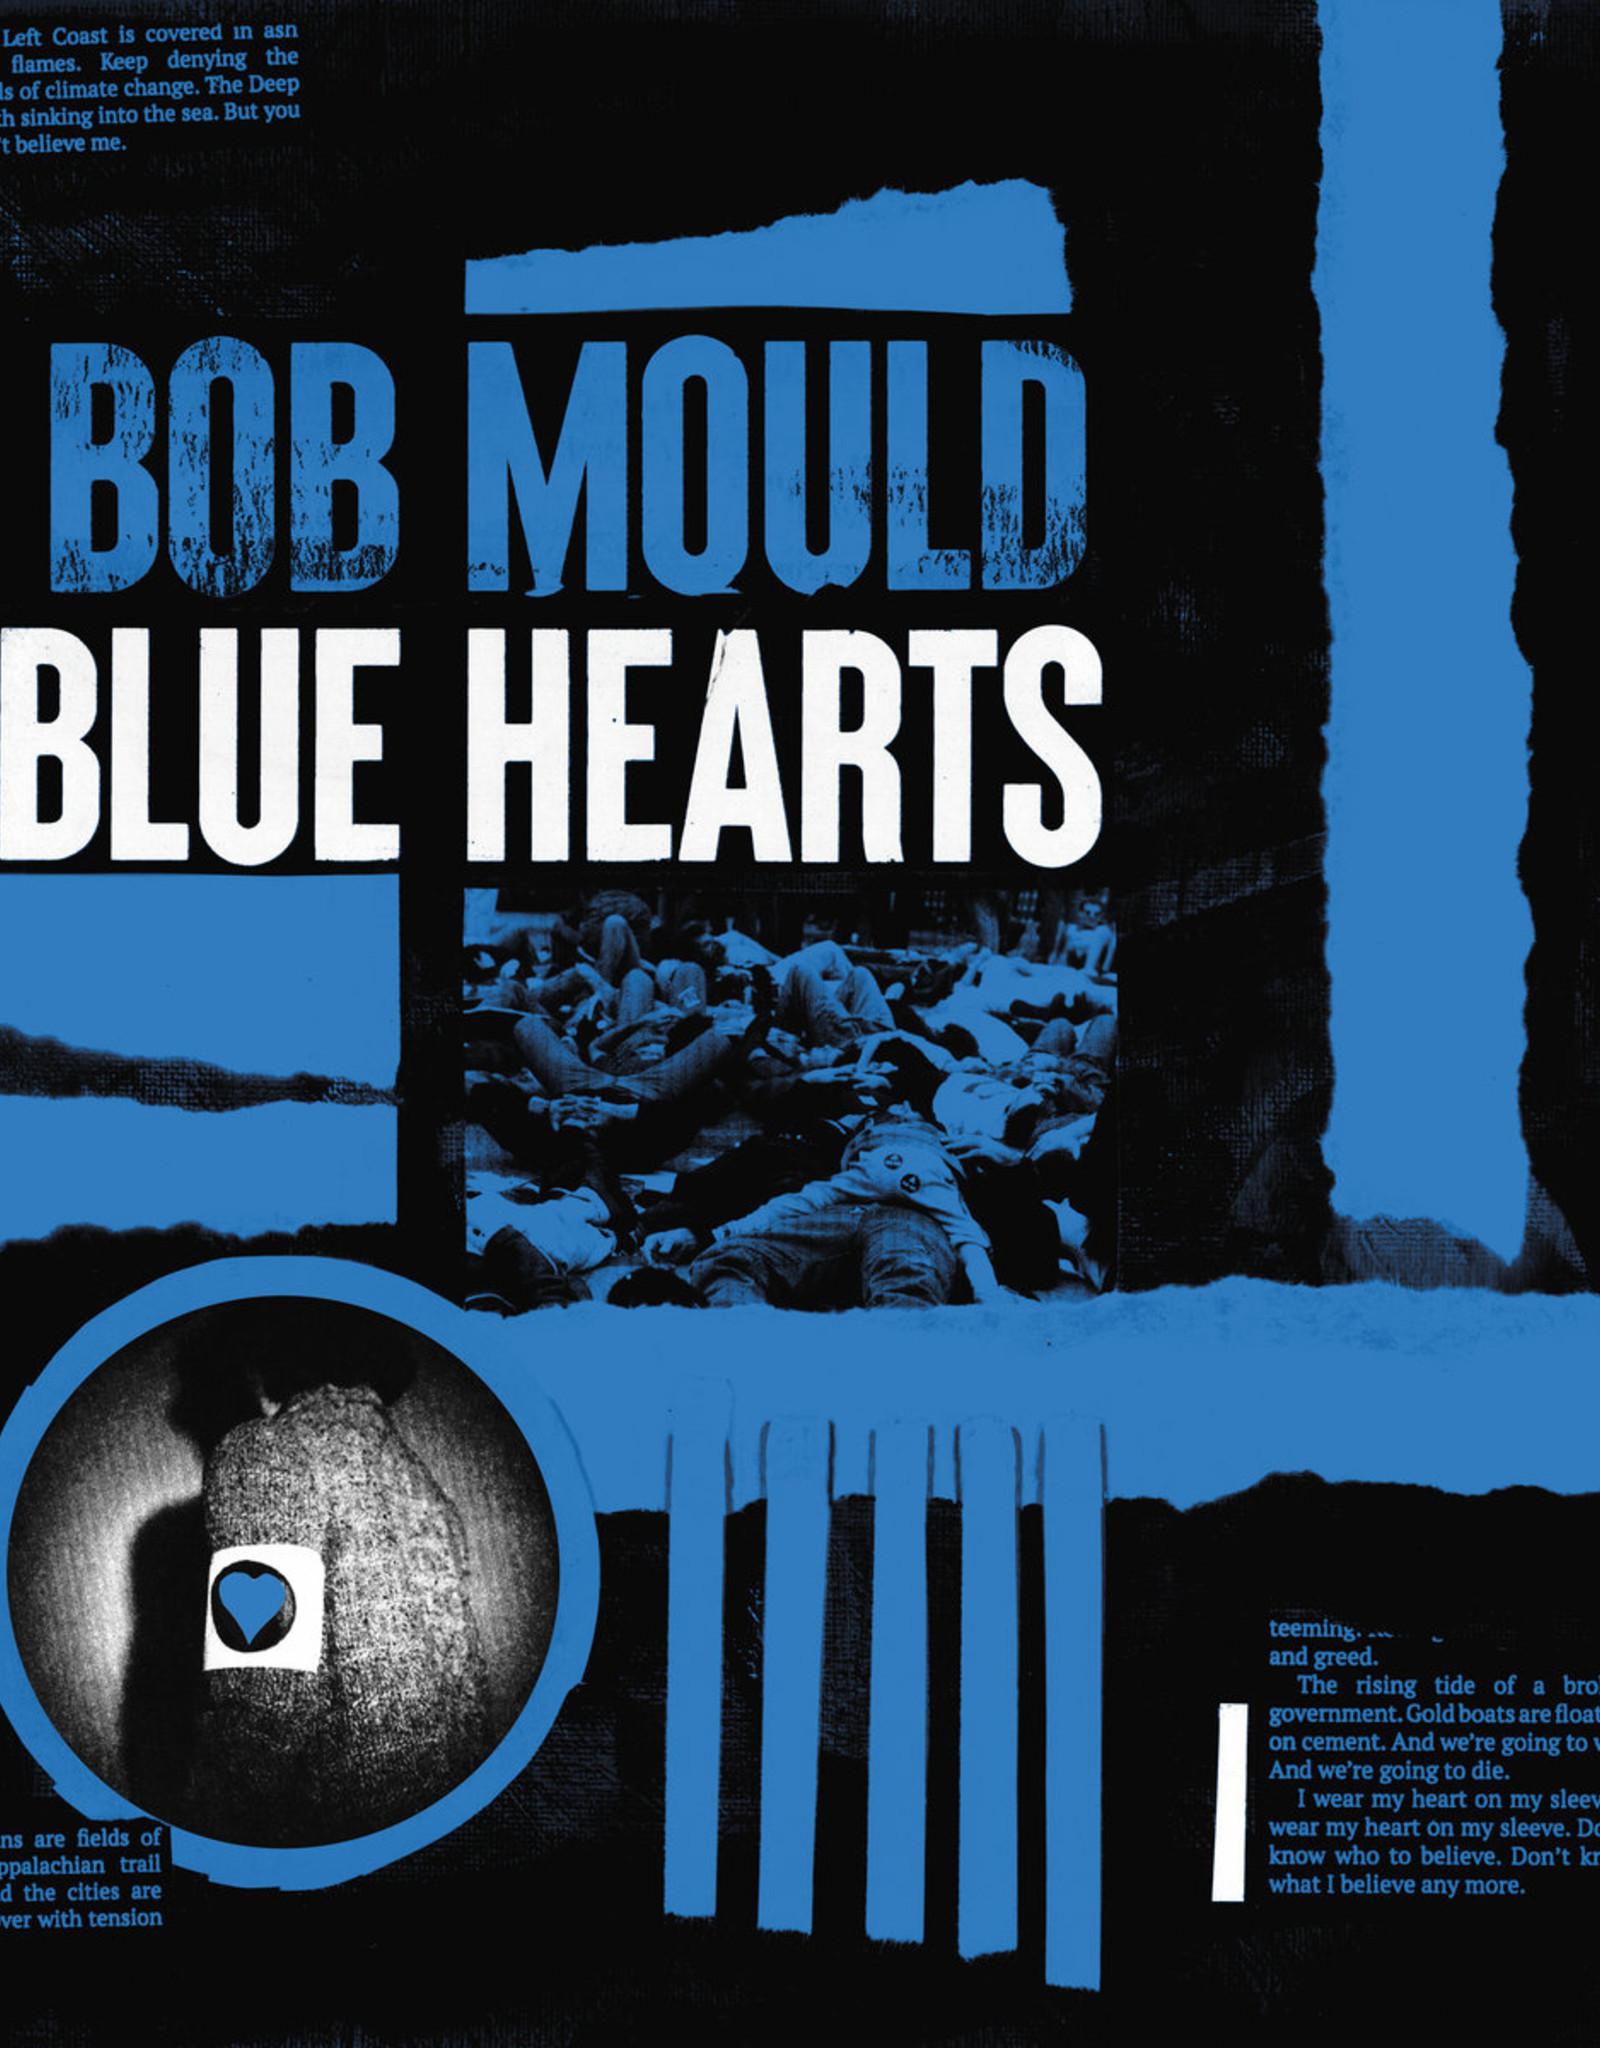 Bob Mould - Blue Hearts